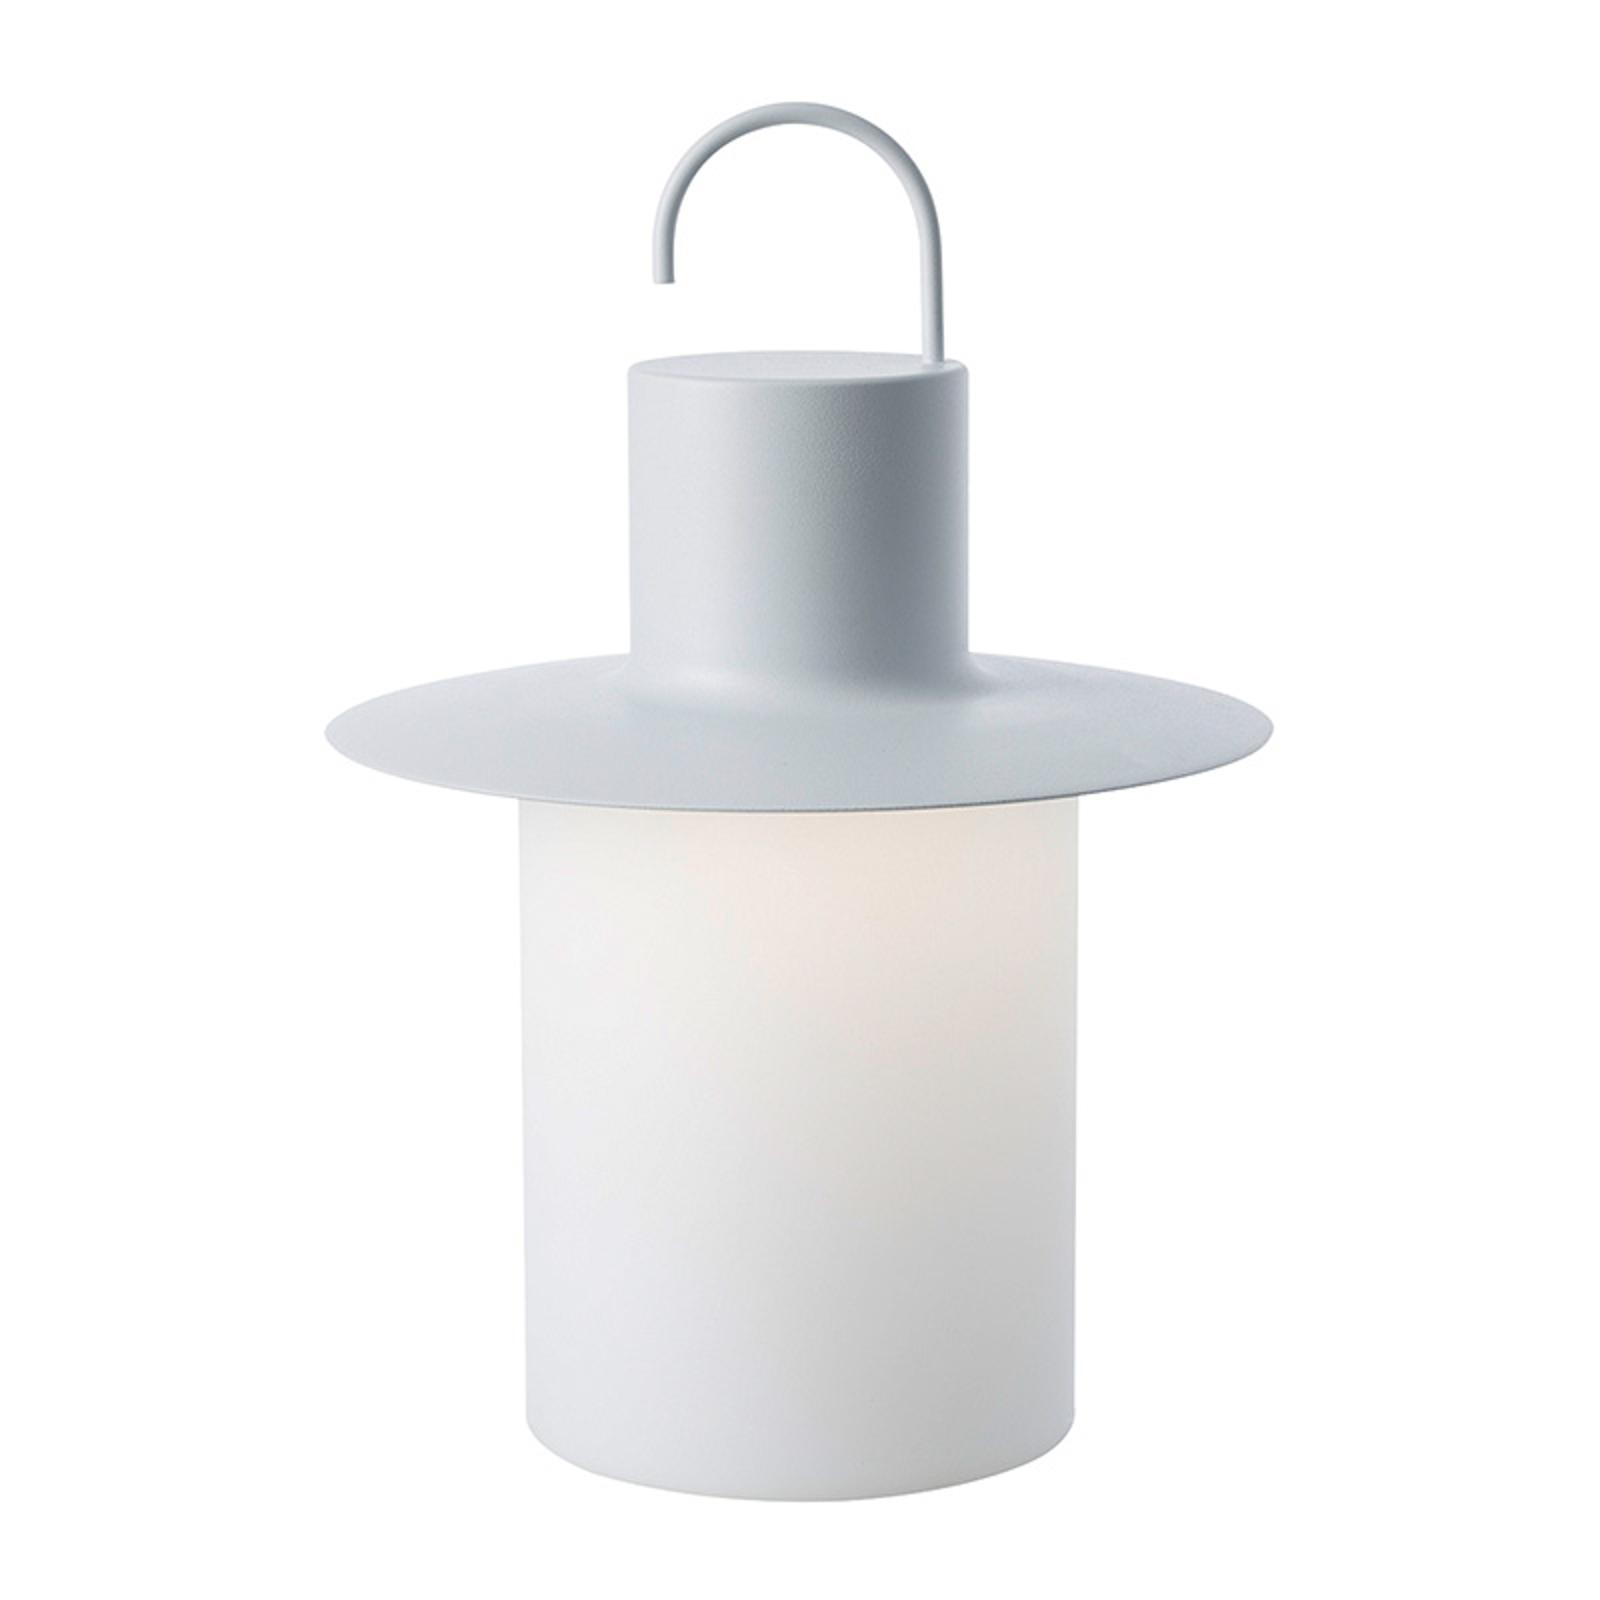 LED-terassivalaisin Nautic, valkoinen